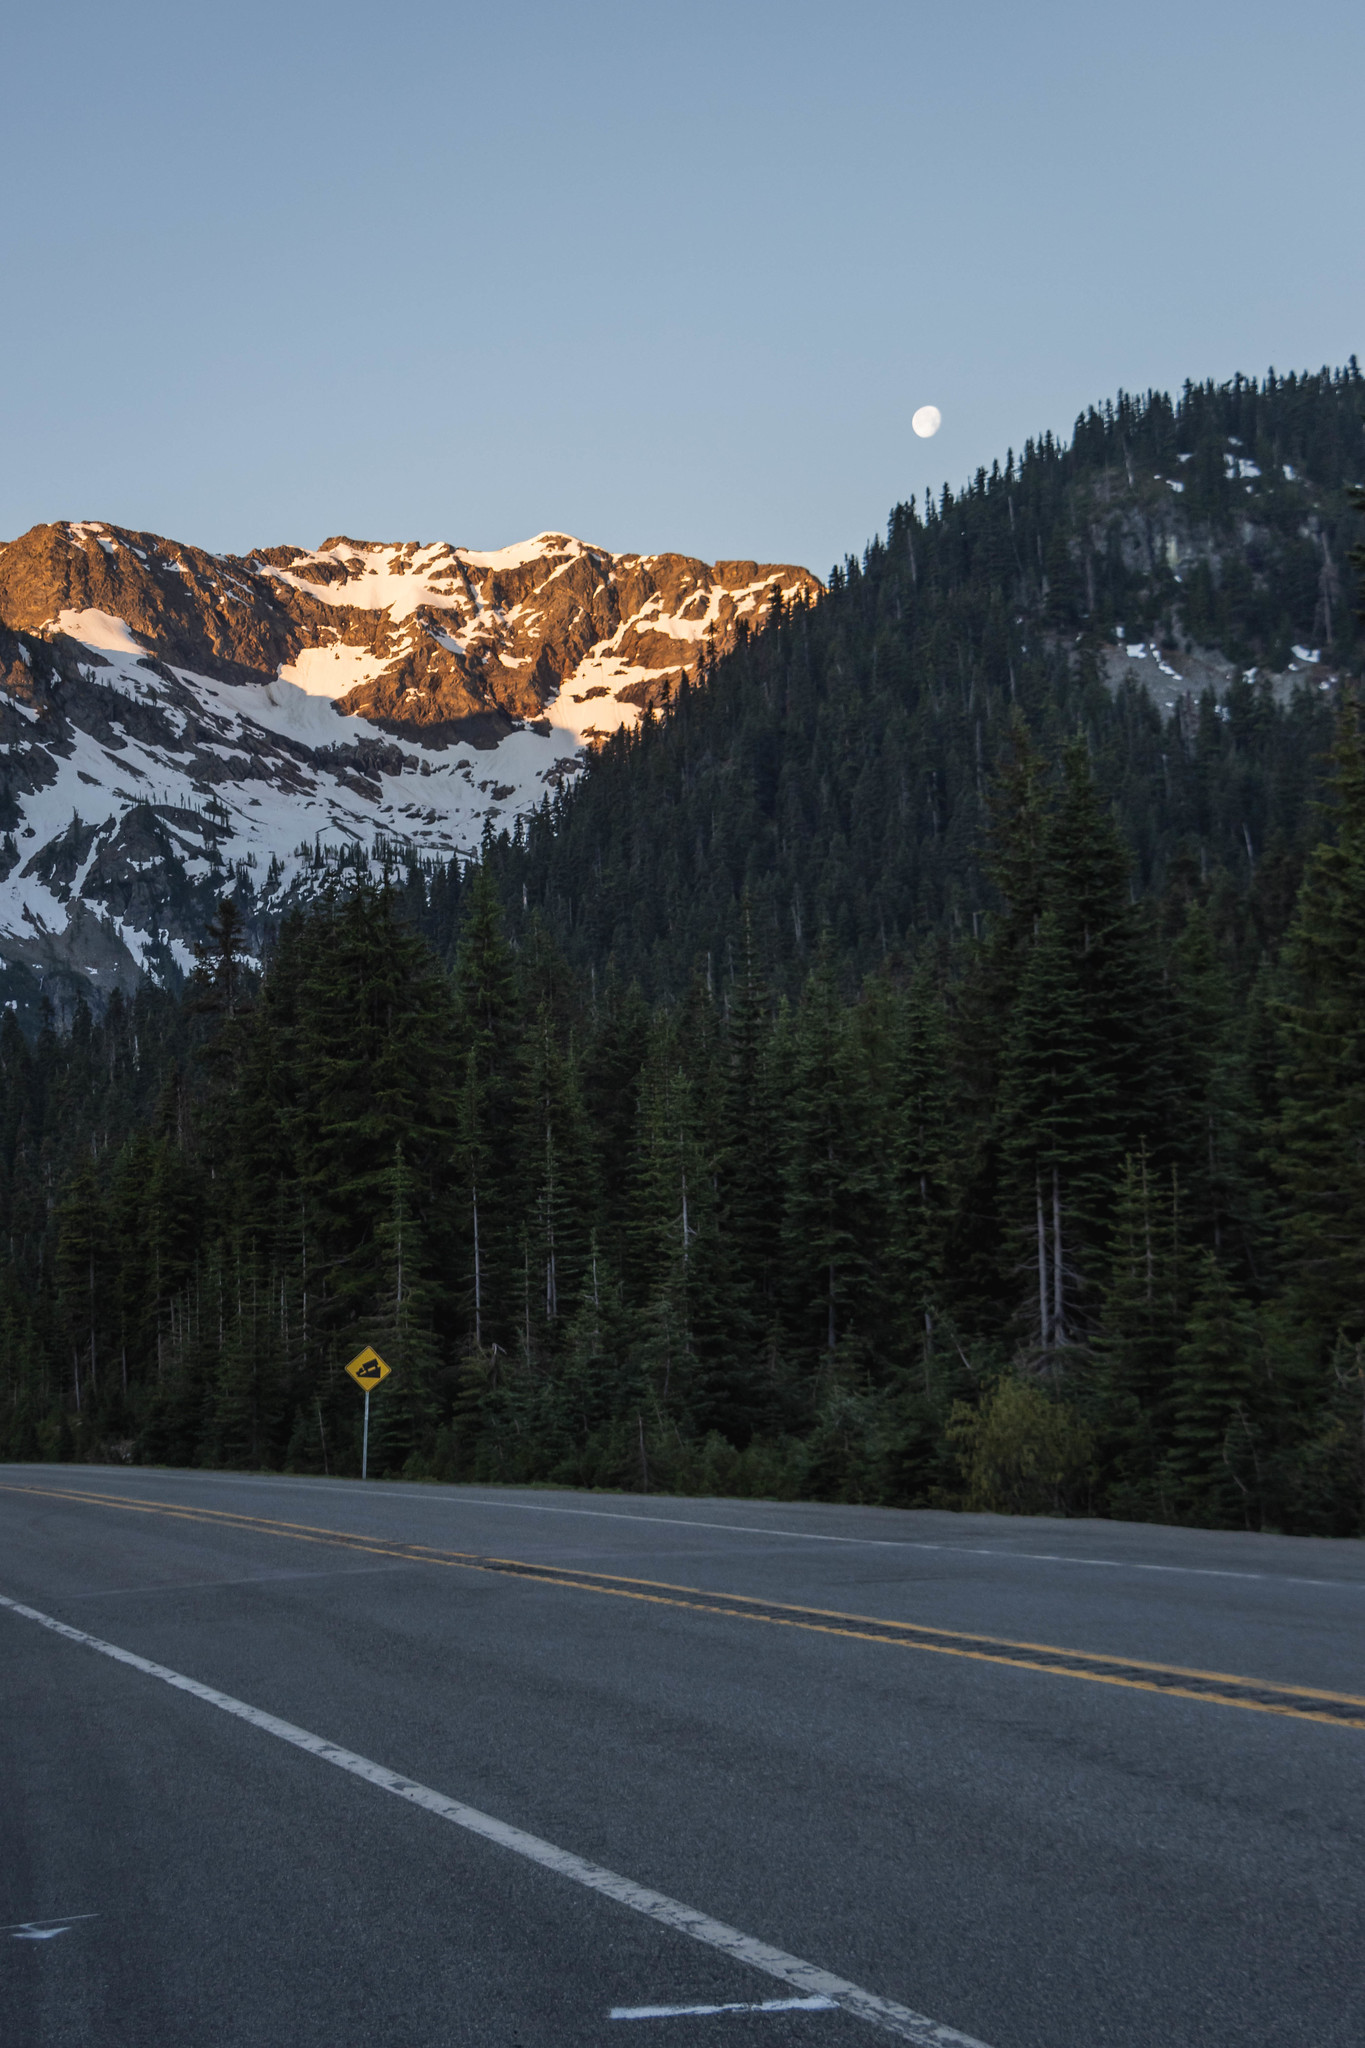 Rainy Peak and the moon above Rainy Pass